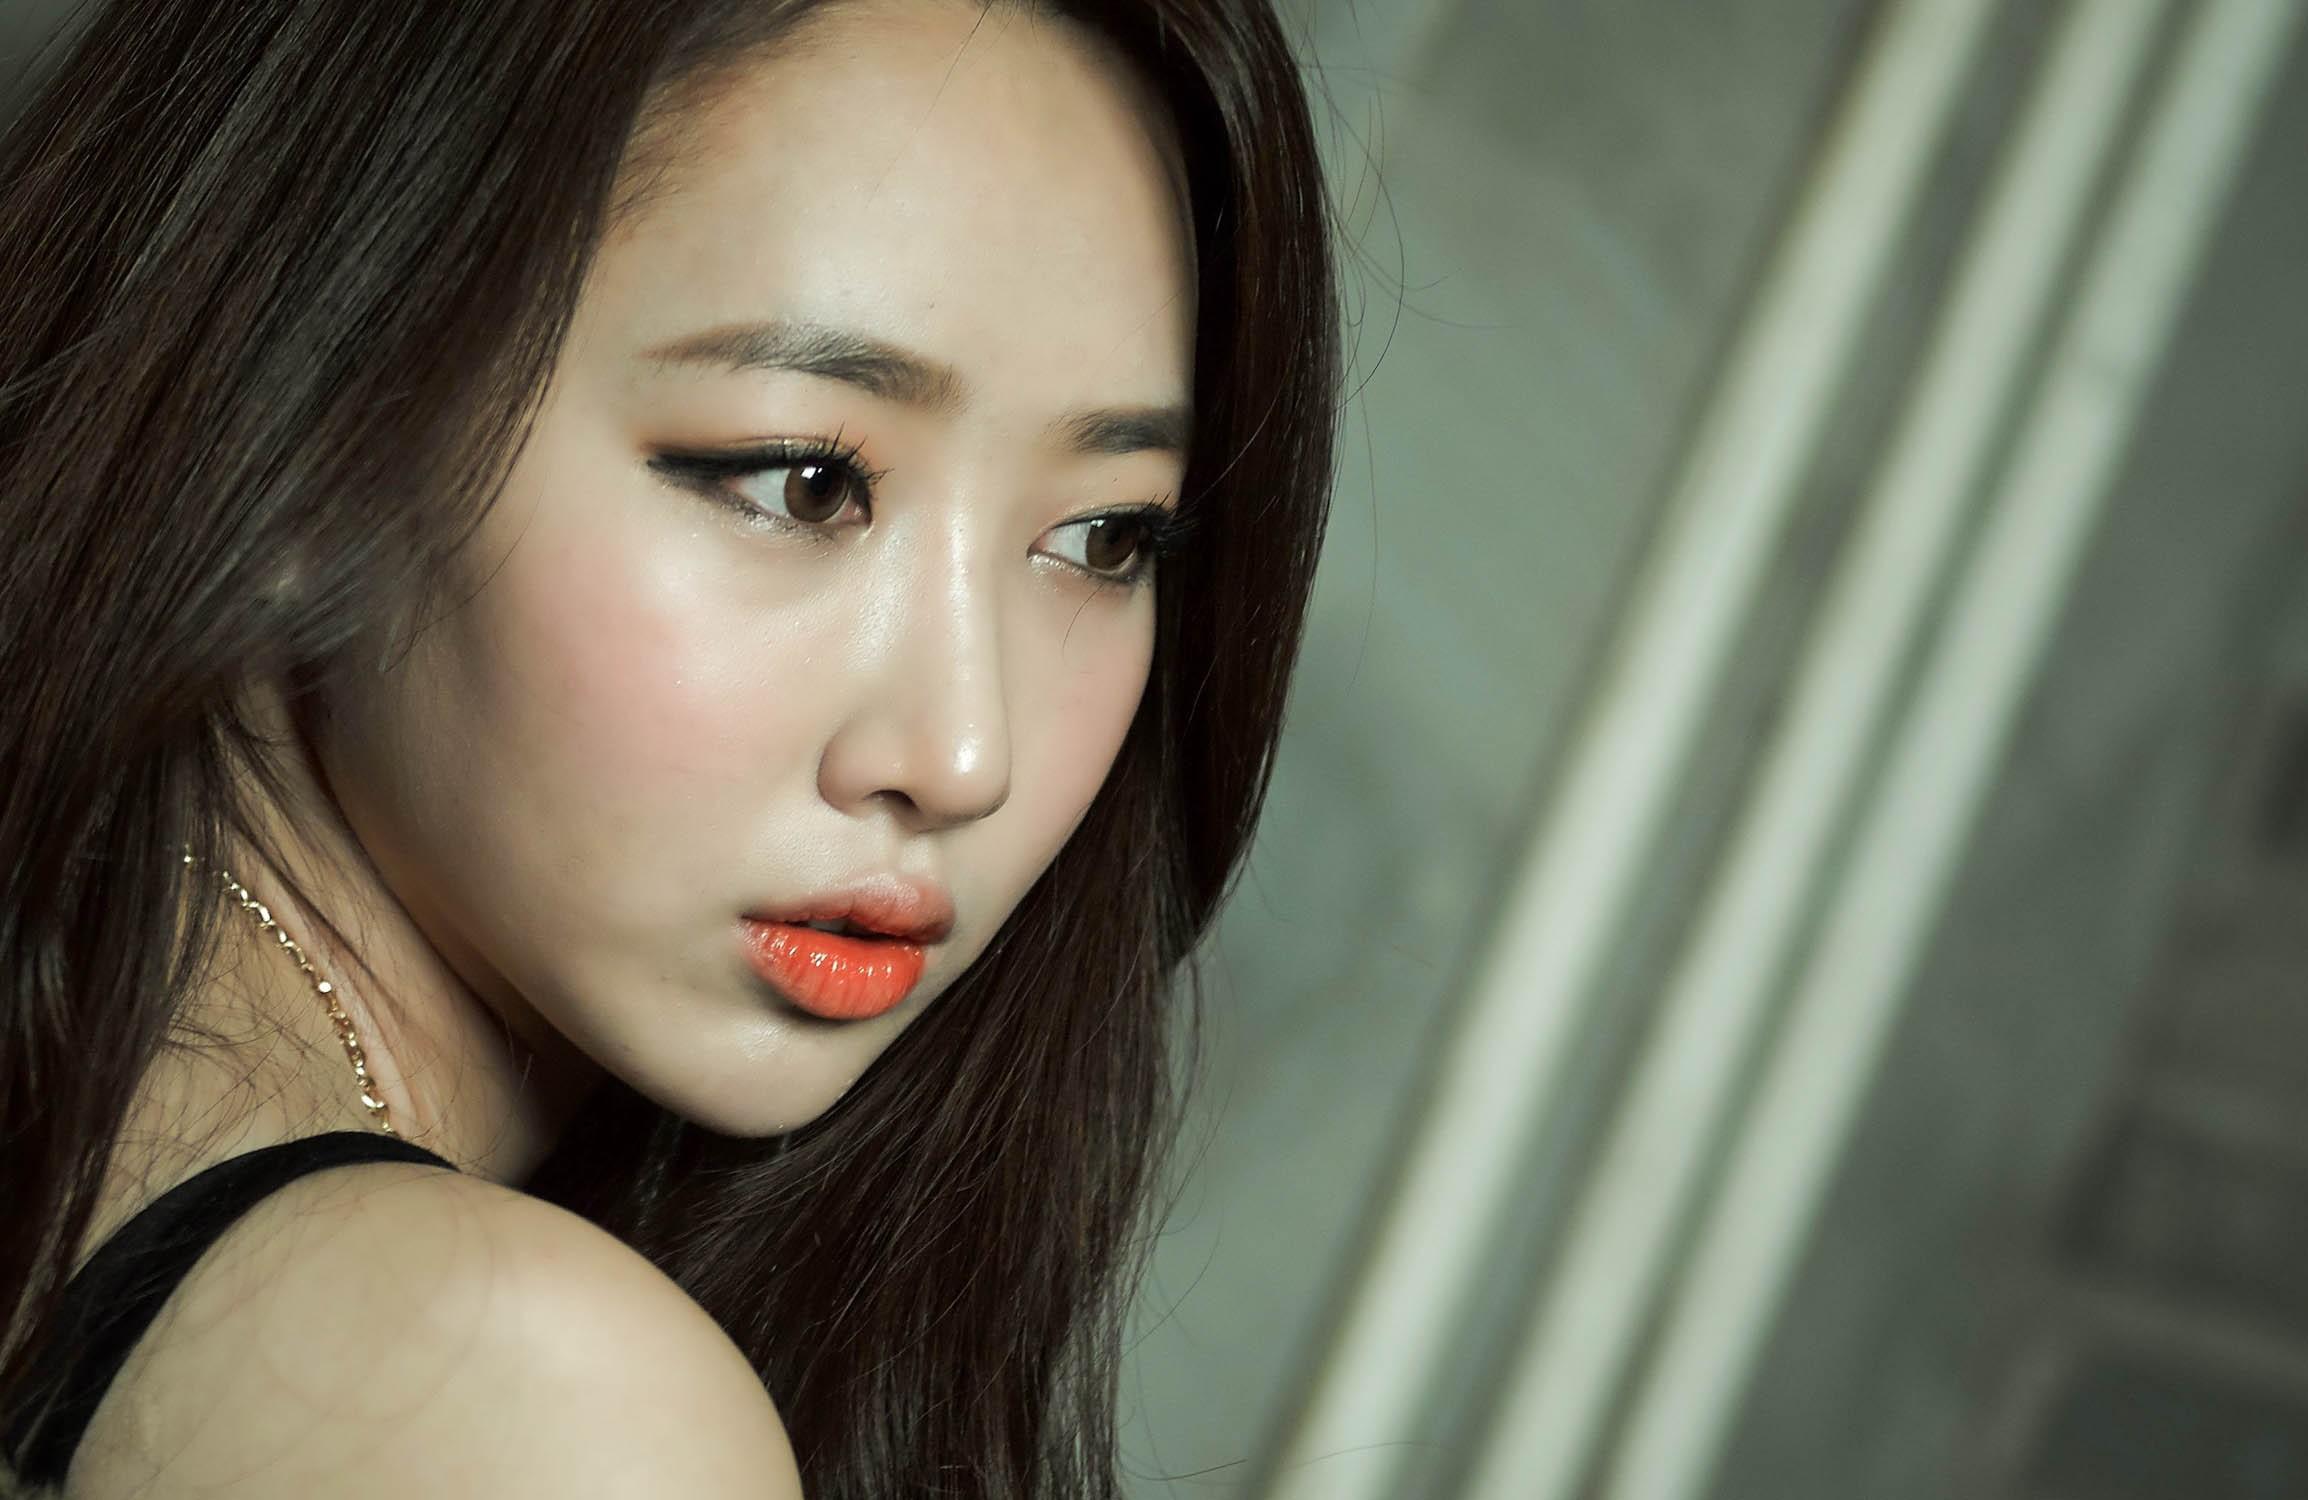 Показать фото лиц красивых девушек азиаток жену шлюха проститутки